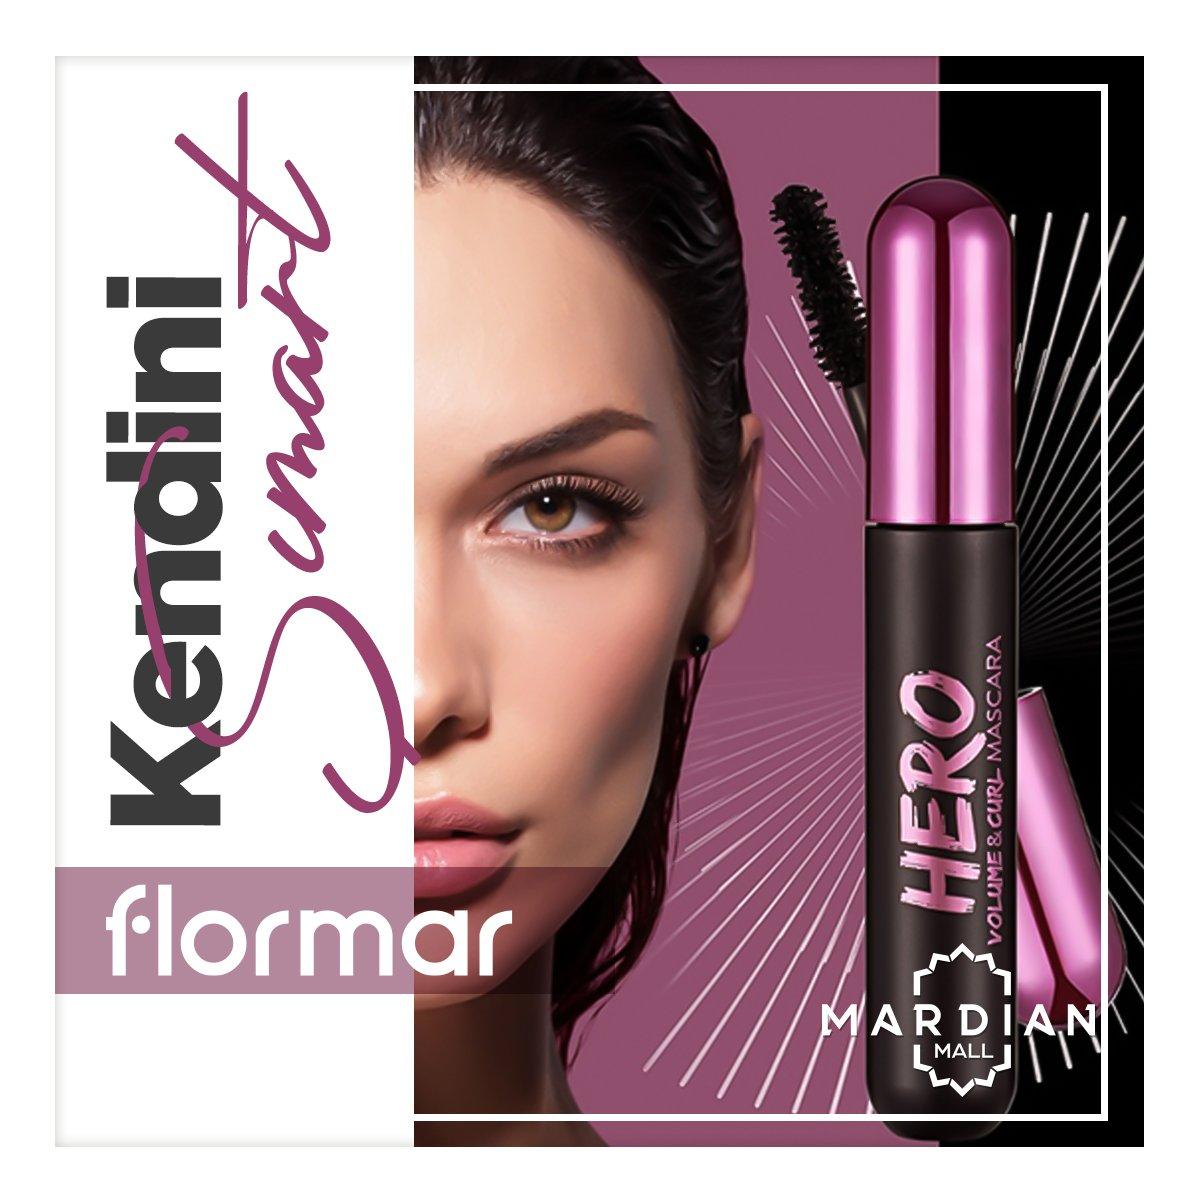 Etkileyici bir göz makyajı için Flormar Hero maskara ile kendini şımart! #MardianMall #Flormar